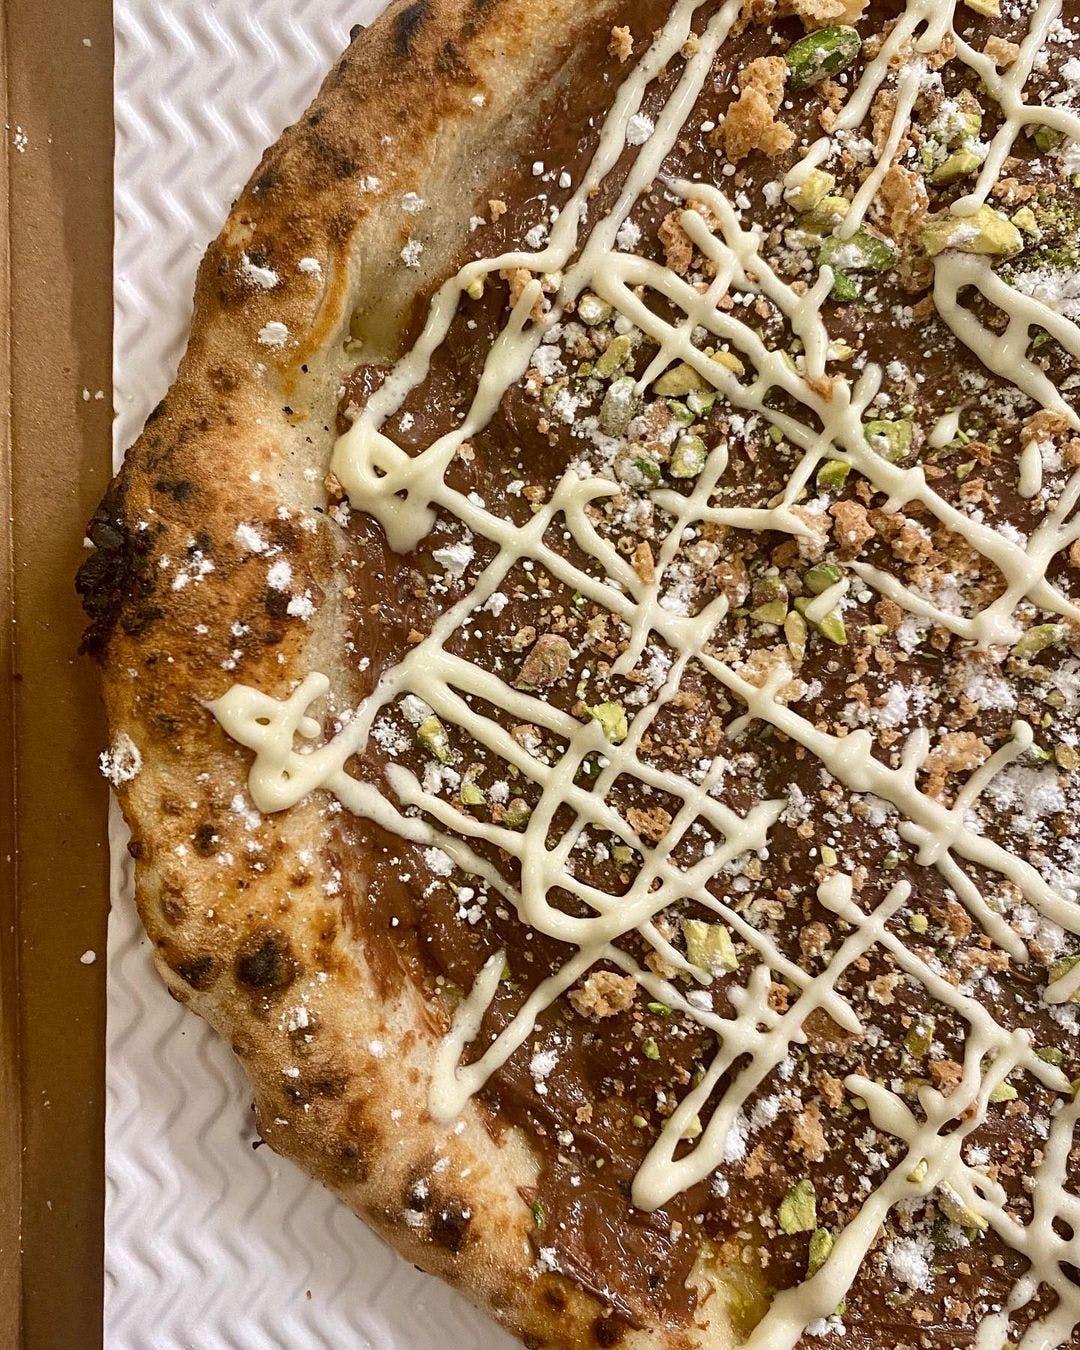 NUTELLA PIZZA SPECIALE